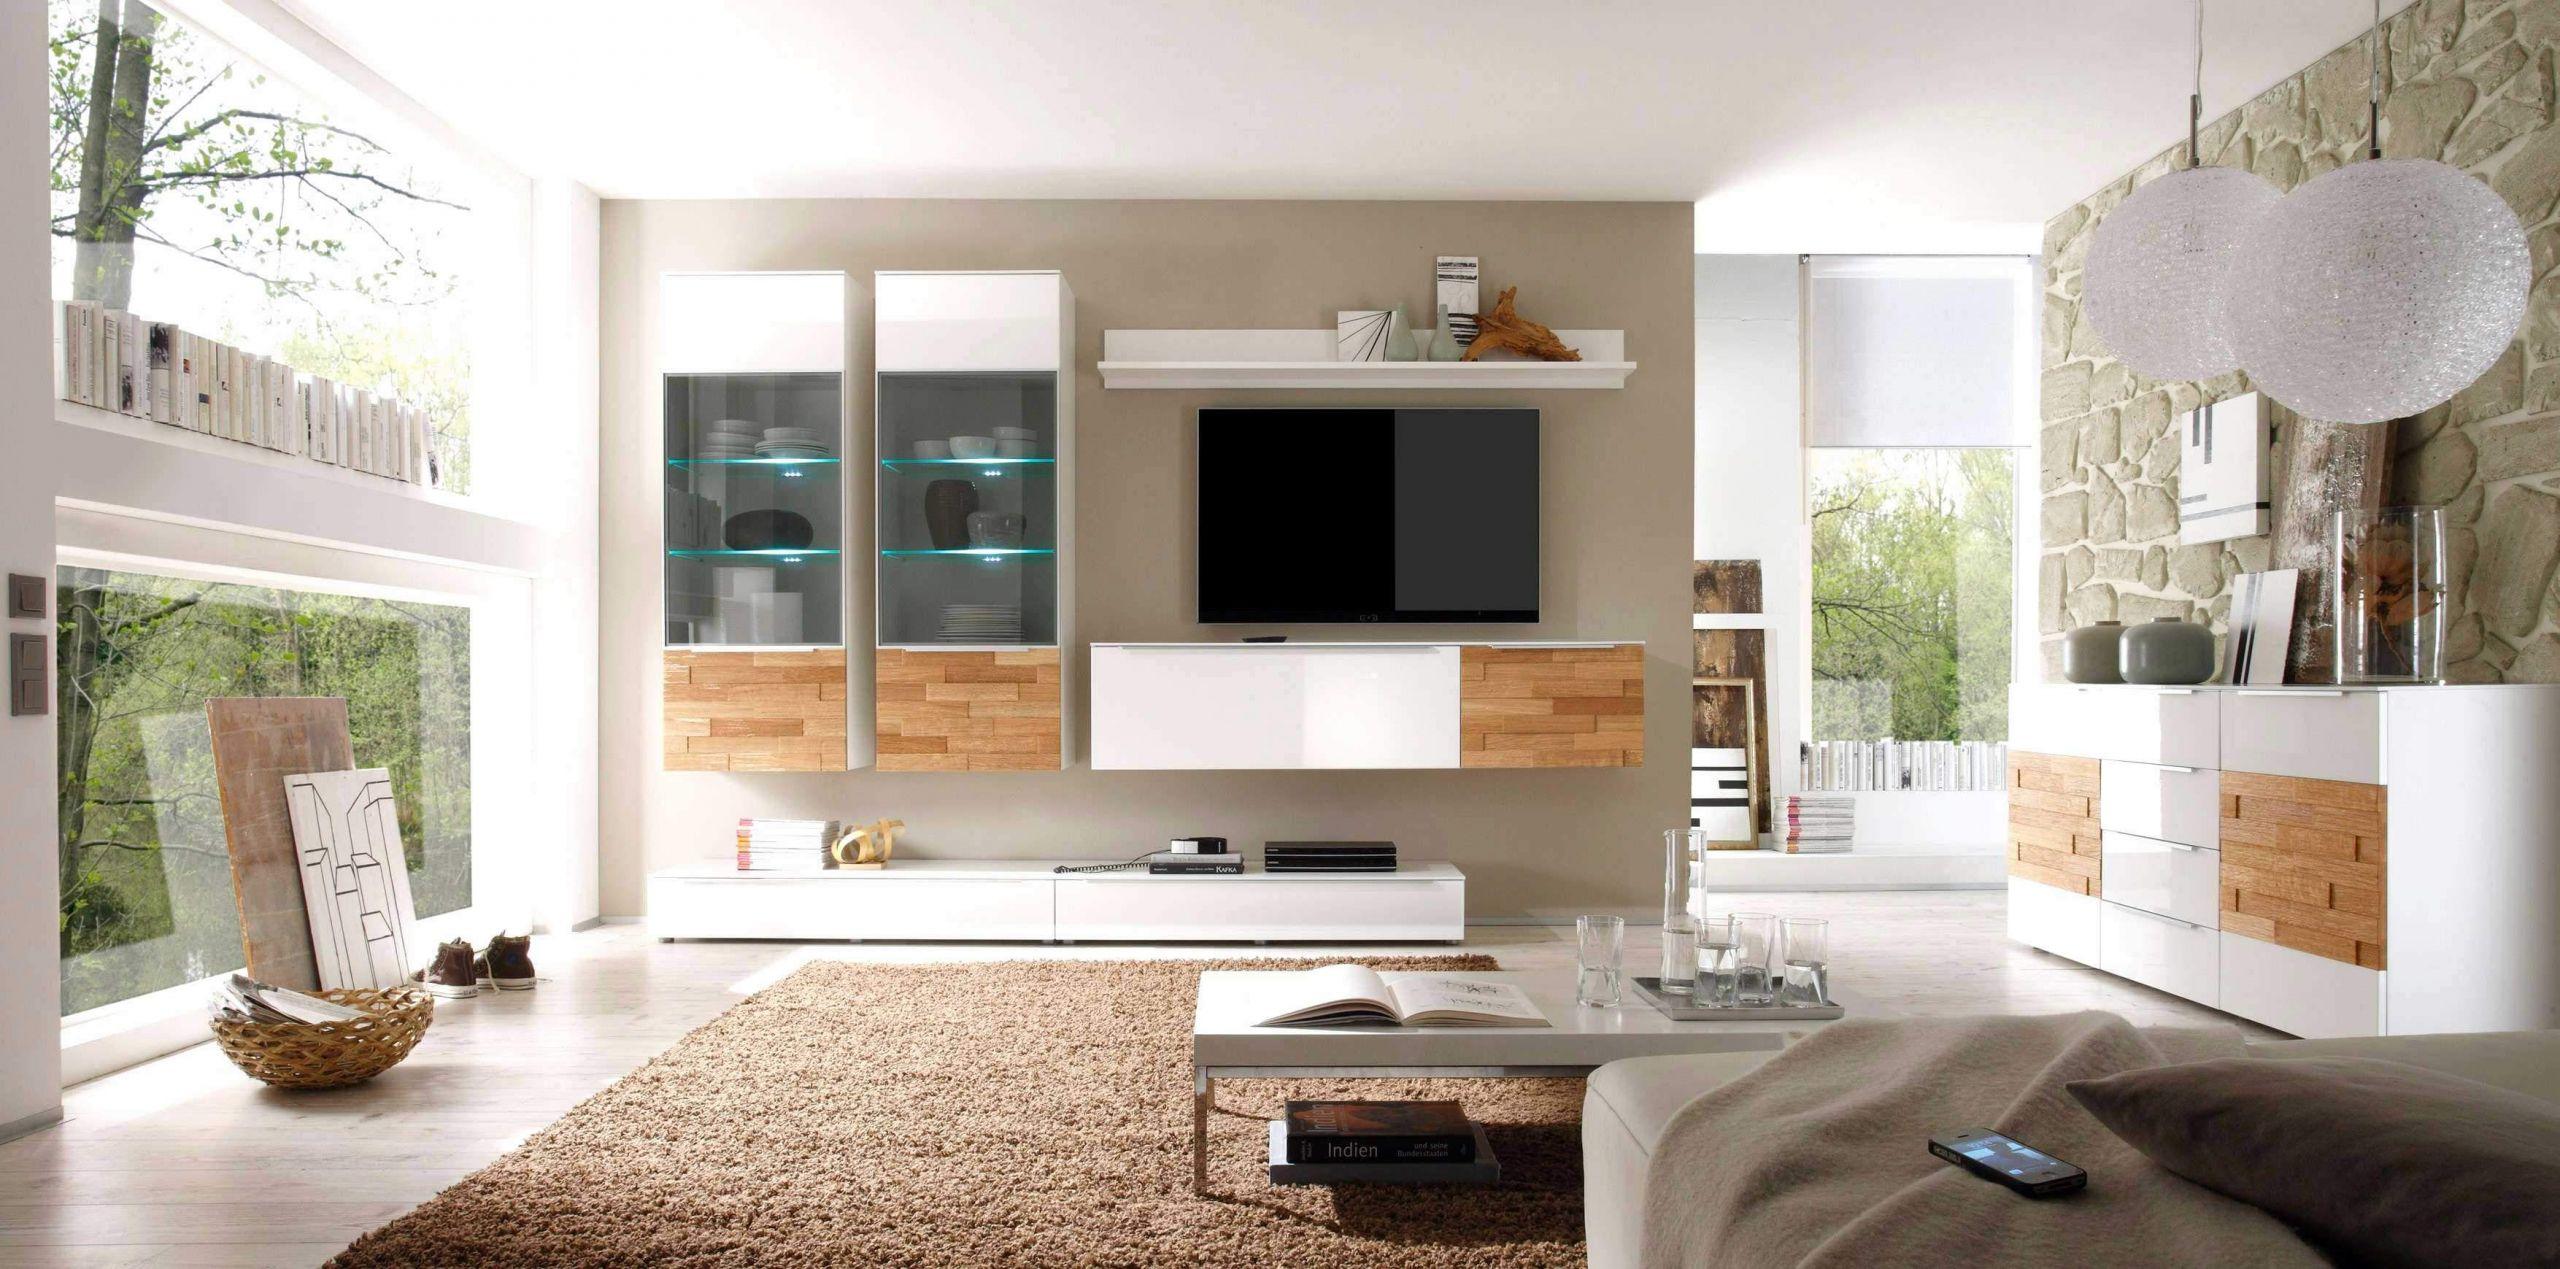 bilder fur wohnzimmer modern einzigartig privacy policy of bilder fur wohnzimmer modern scaled